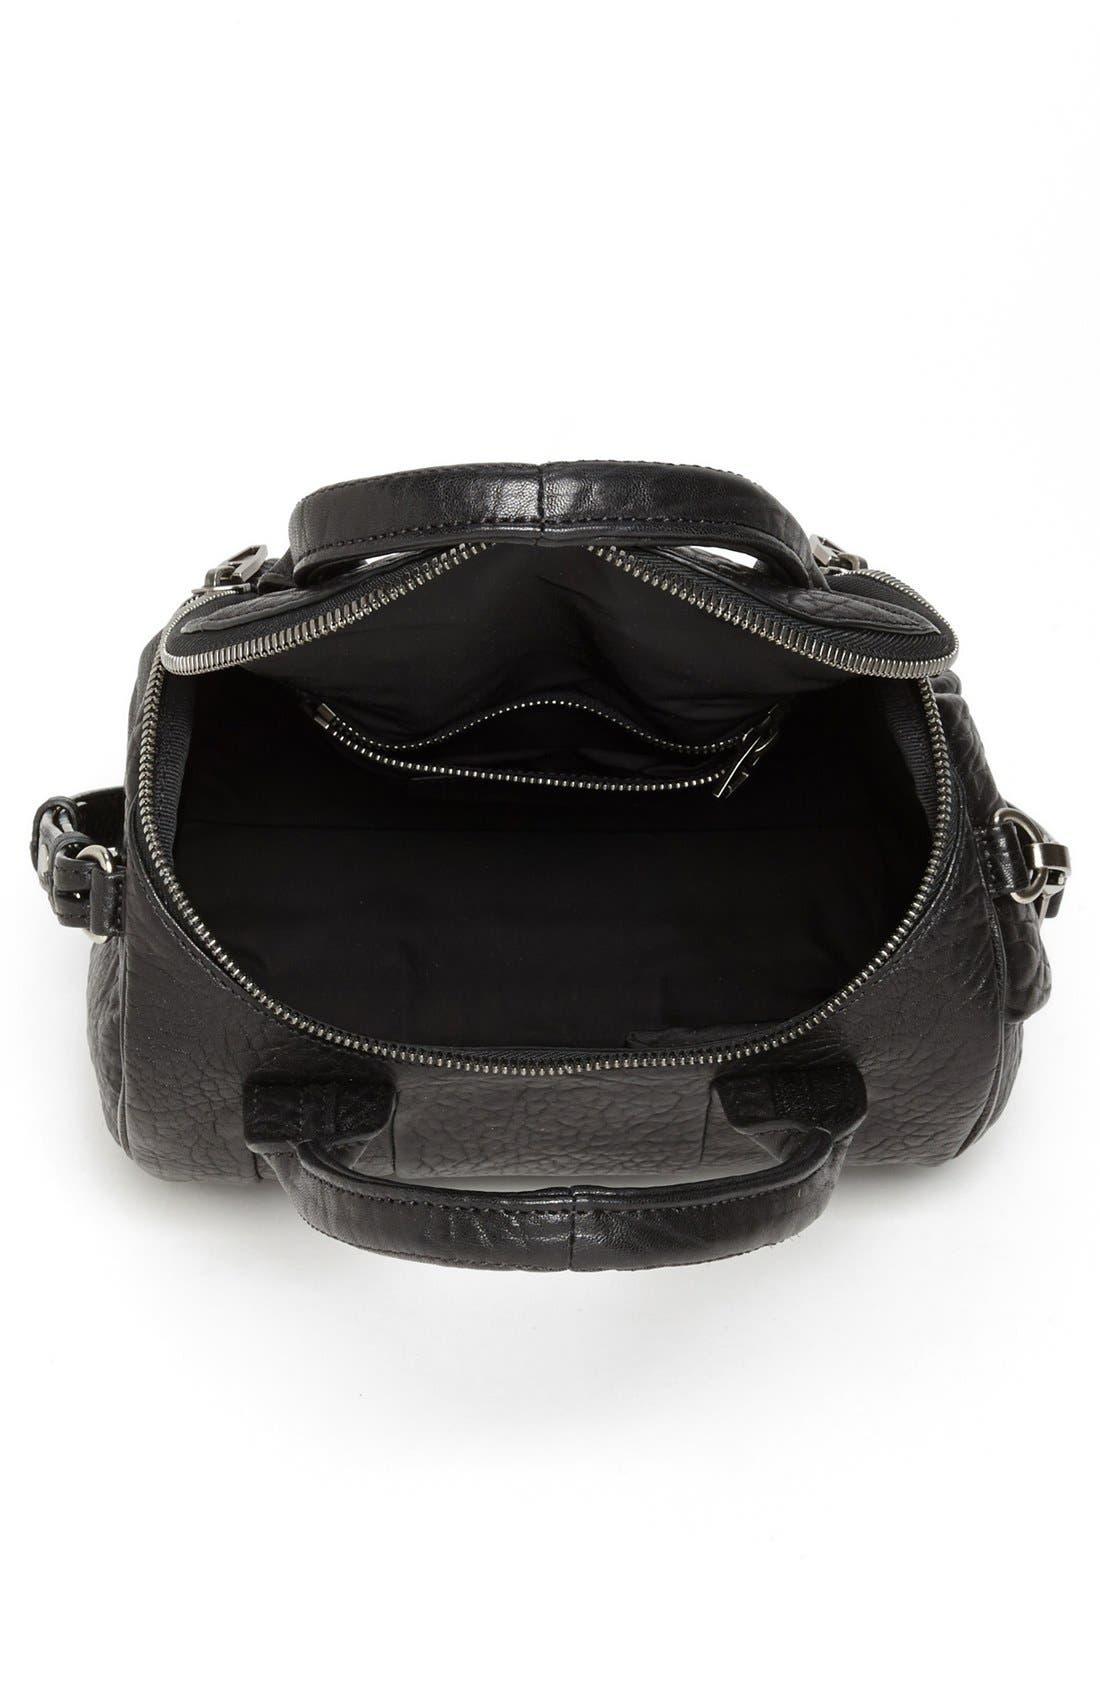 Alternate Image 3  - Alexander Wang 'Rockie - Black Nickel' Leather Crossbody Satchel